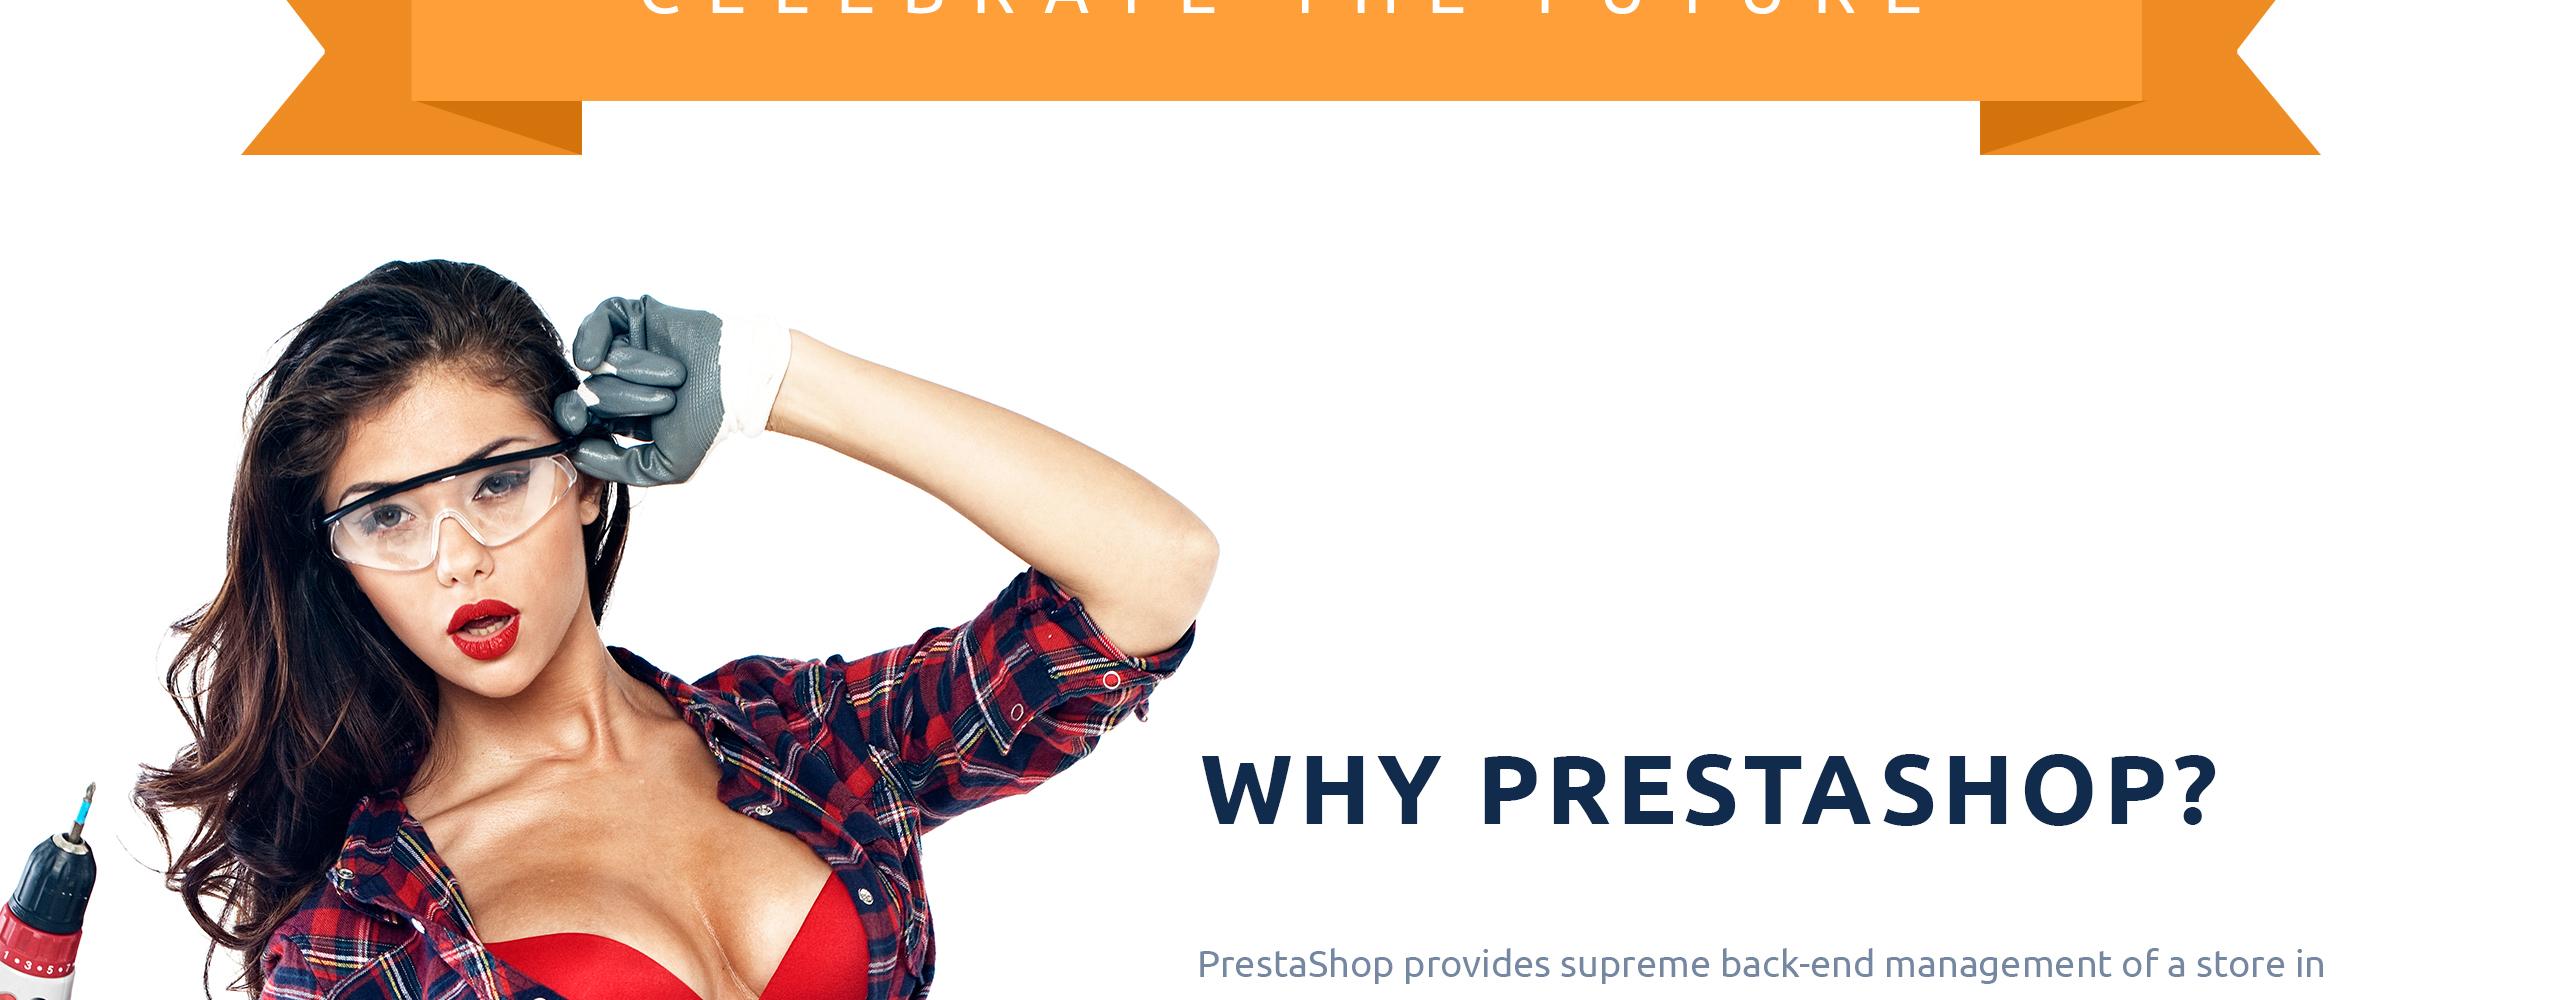 Molotok 2 PrestaShop Theme